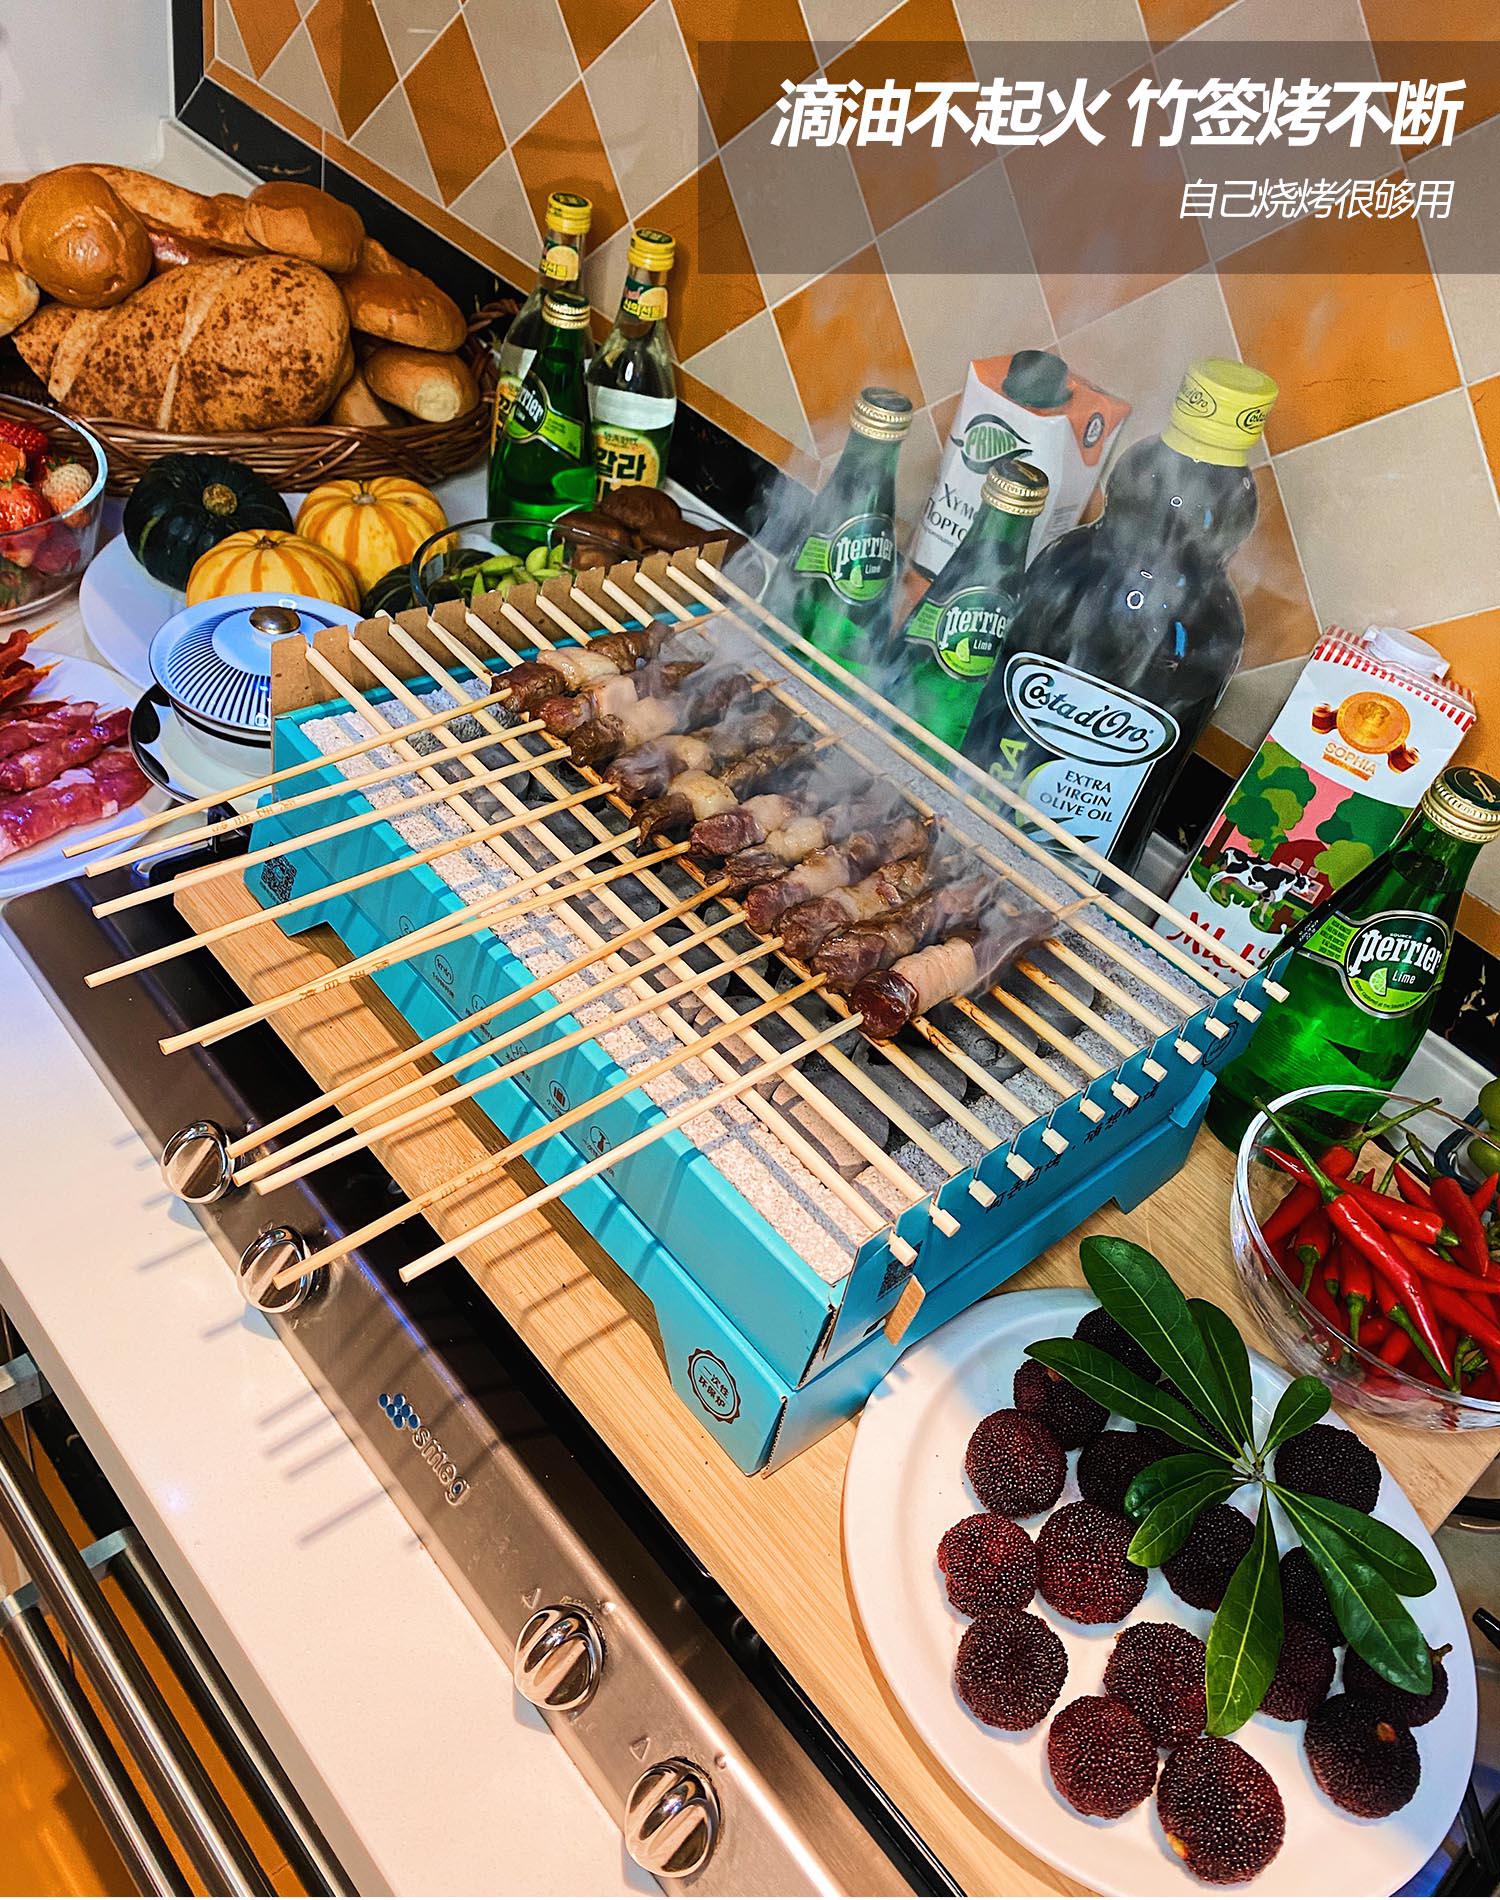 阿丢 一次性小型无烟木炭烧烤炉(含木炭+送烧烤网)天猫优惠券折后¥19.9顺丰包邮